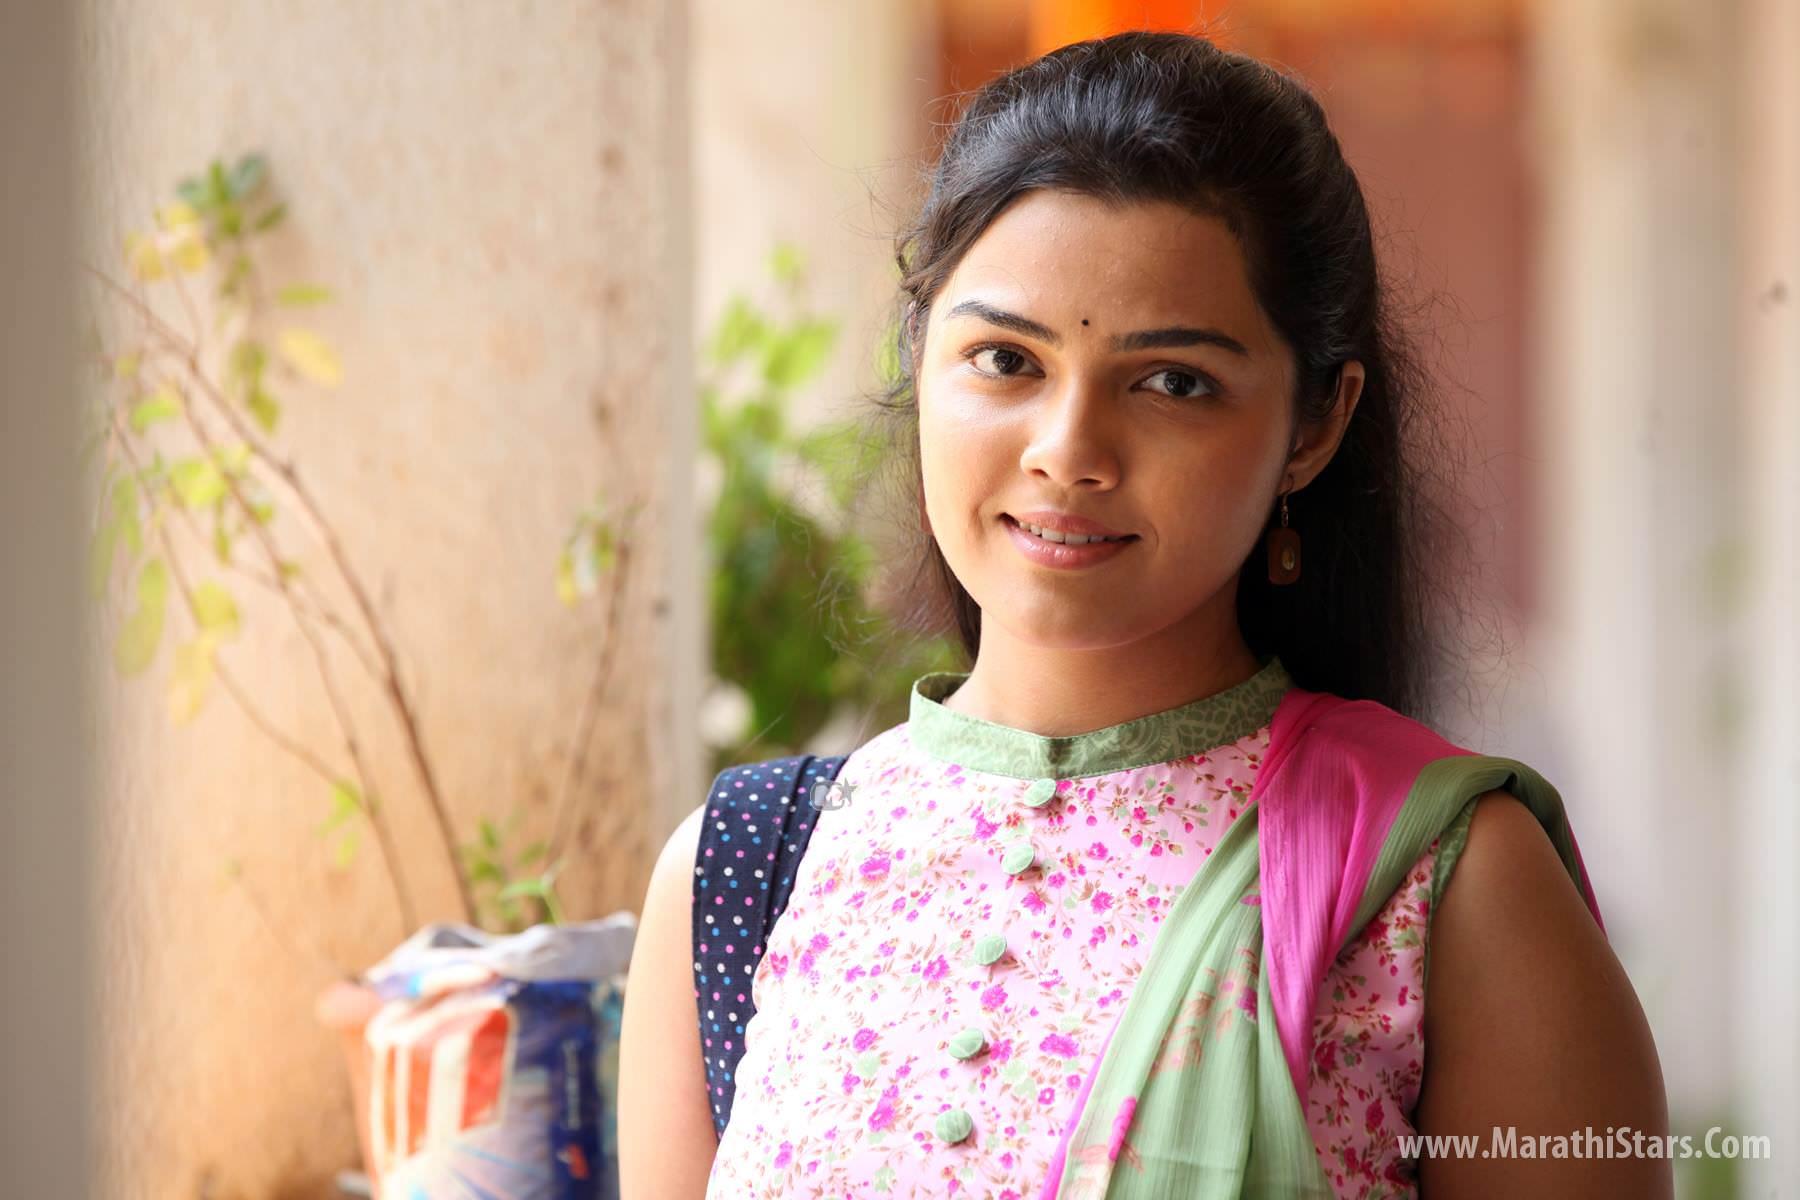 Aarya Ambekar Marathi Actress Singer Photos Bio Wiki Images Profile